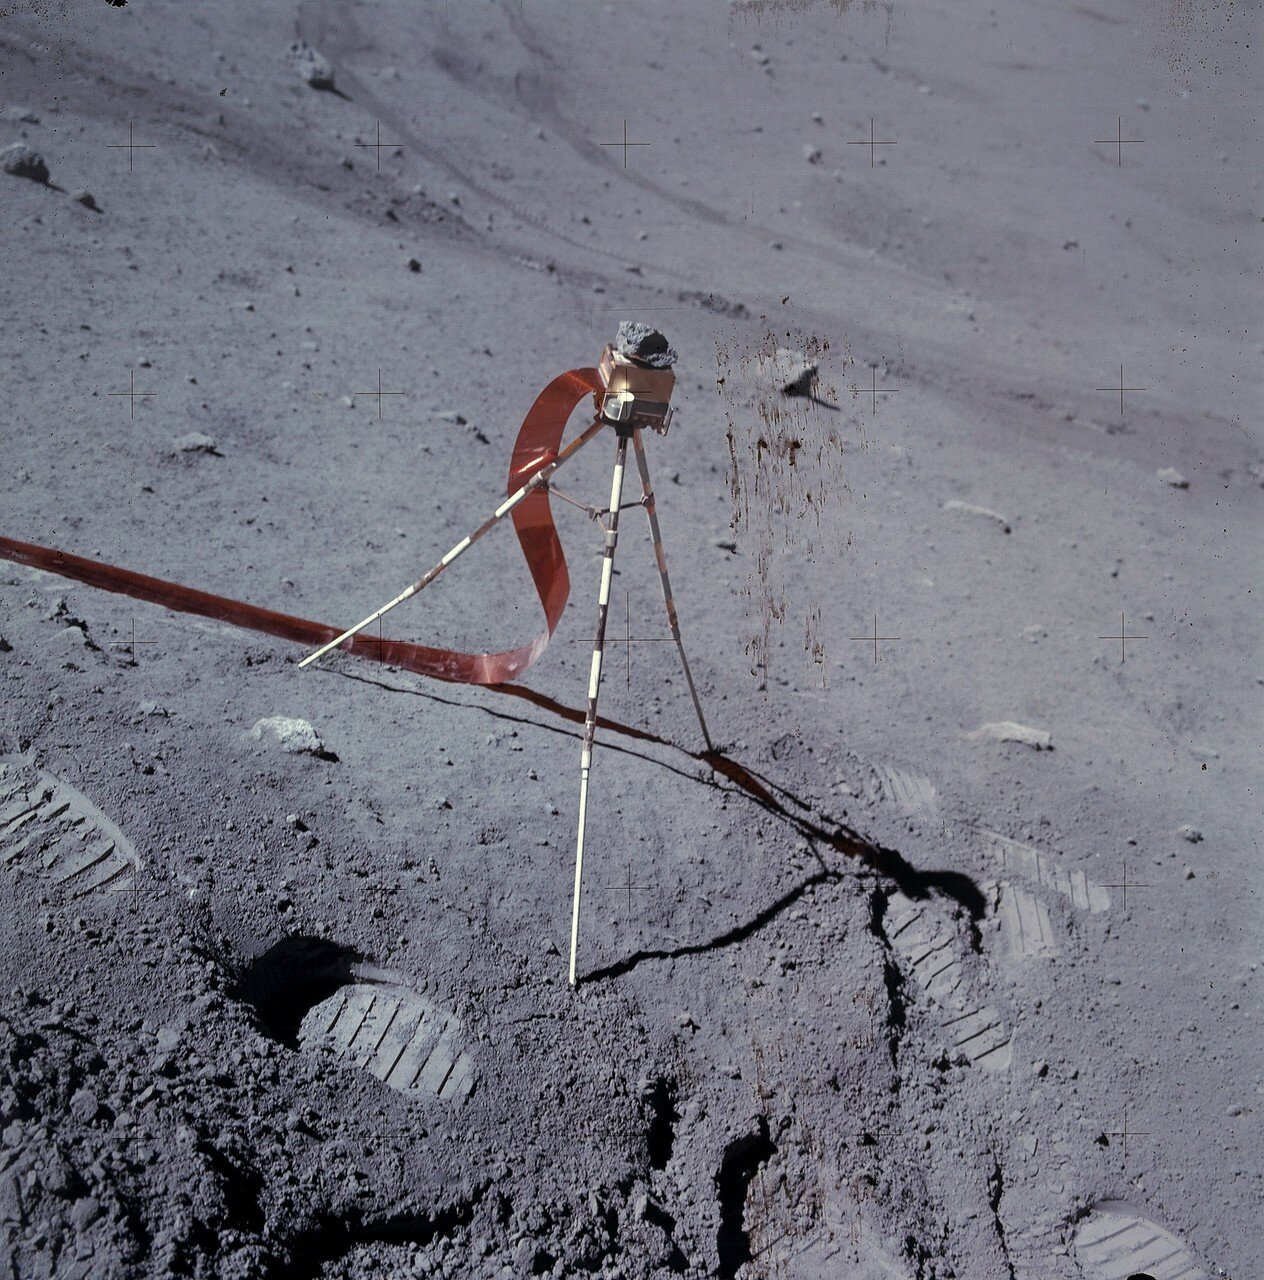 После чего Янгу нужно было сделать замеры с помощью портативного магнитометра. На снимке: Лунный портативный магнитометр с камнем